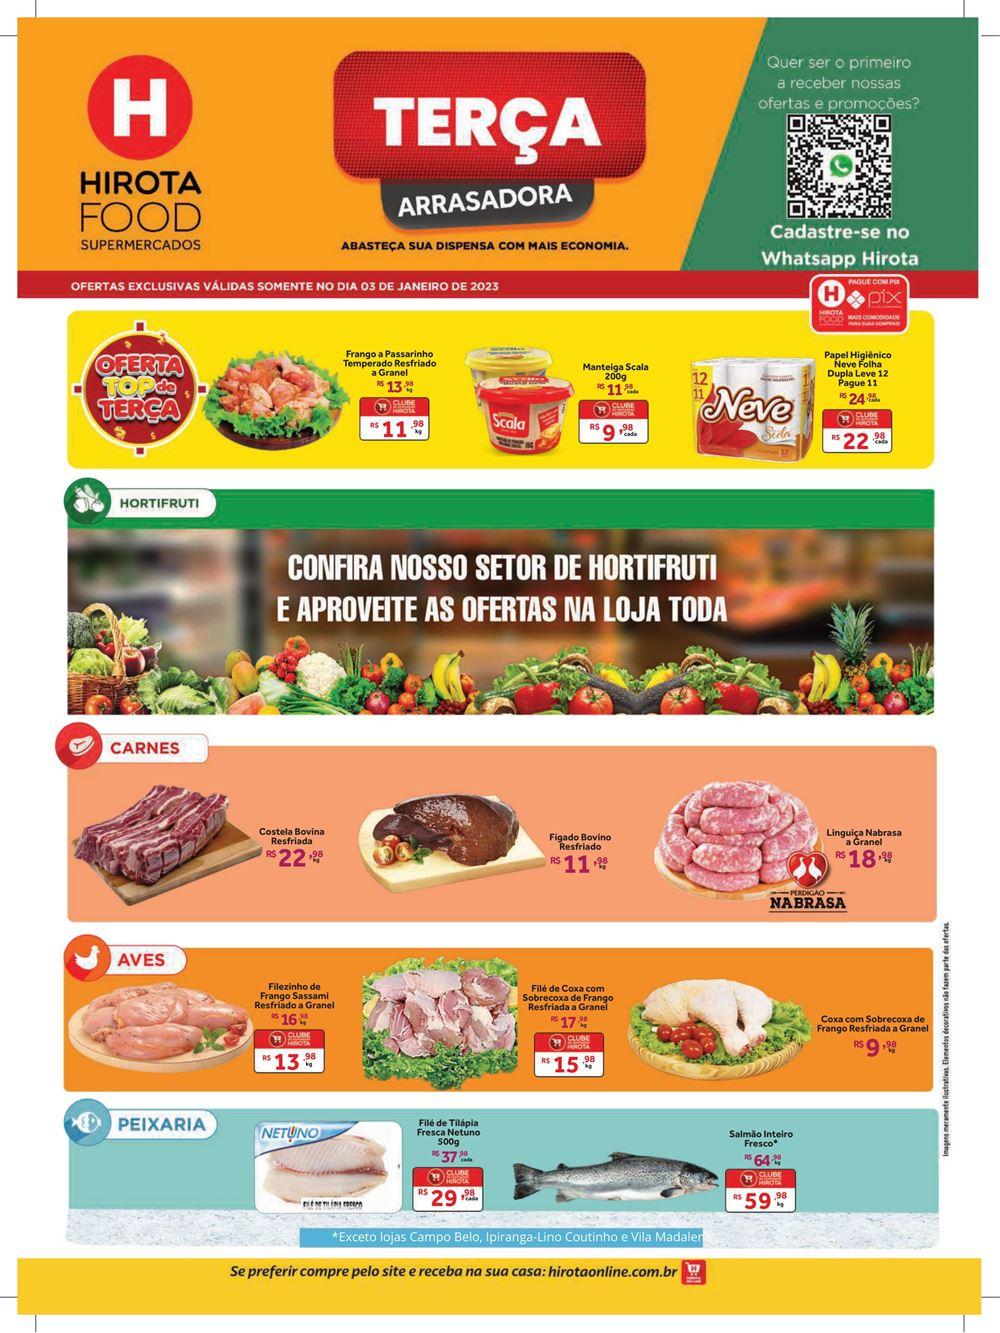 hirota-ofertas-descontos-hoje1-20 Ofertas de supermercados